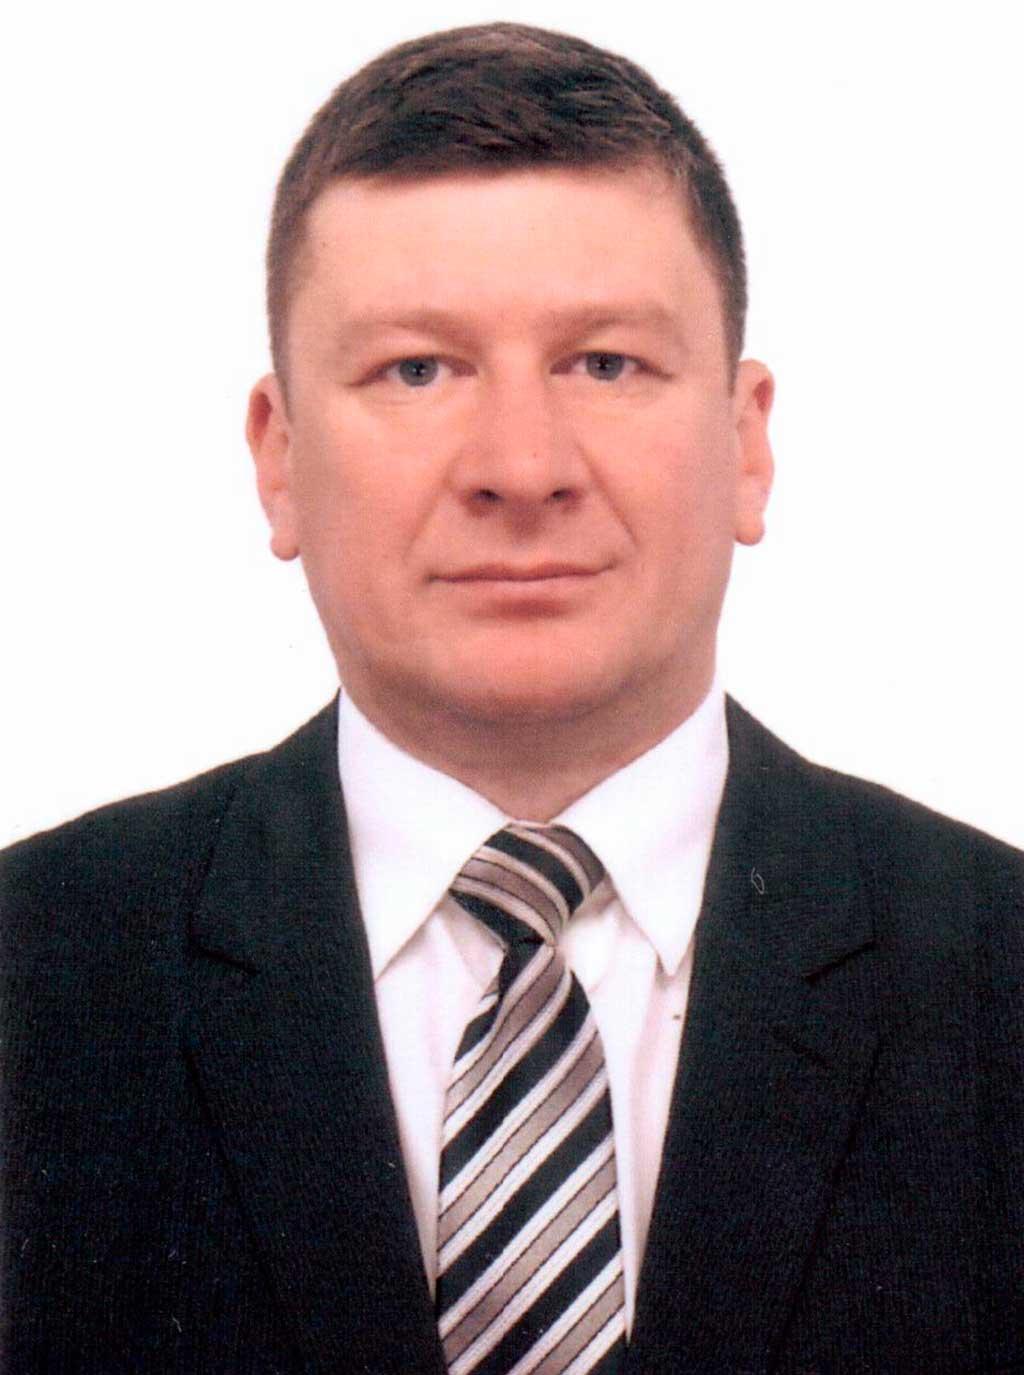 Вишневський Сергій Вацлавович